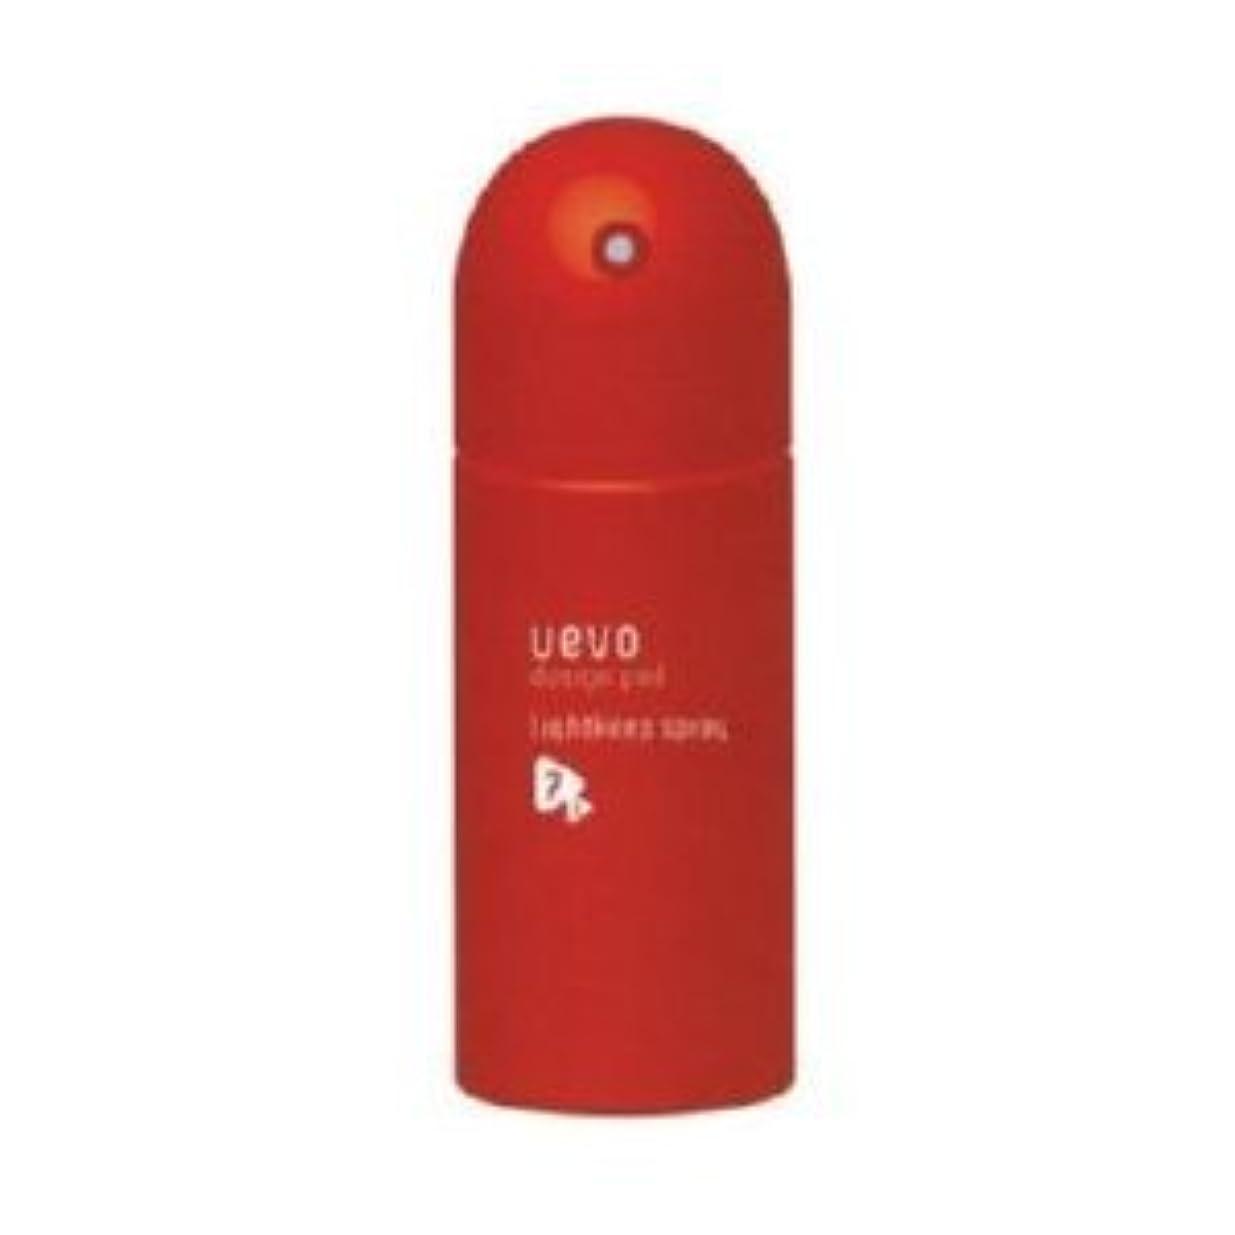 写真断線完了【X2個セット】 デミ ウェーボ デザインポッド ライトキープスプレー 220ml lightkeep spray DEMI uevo design pod